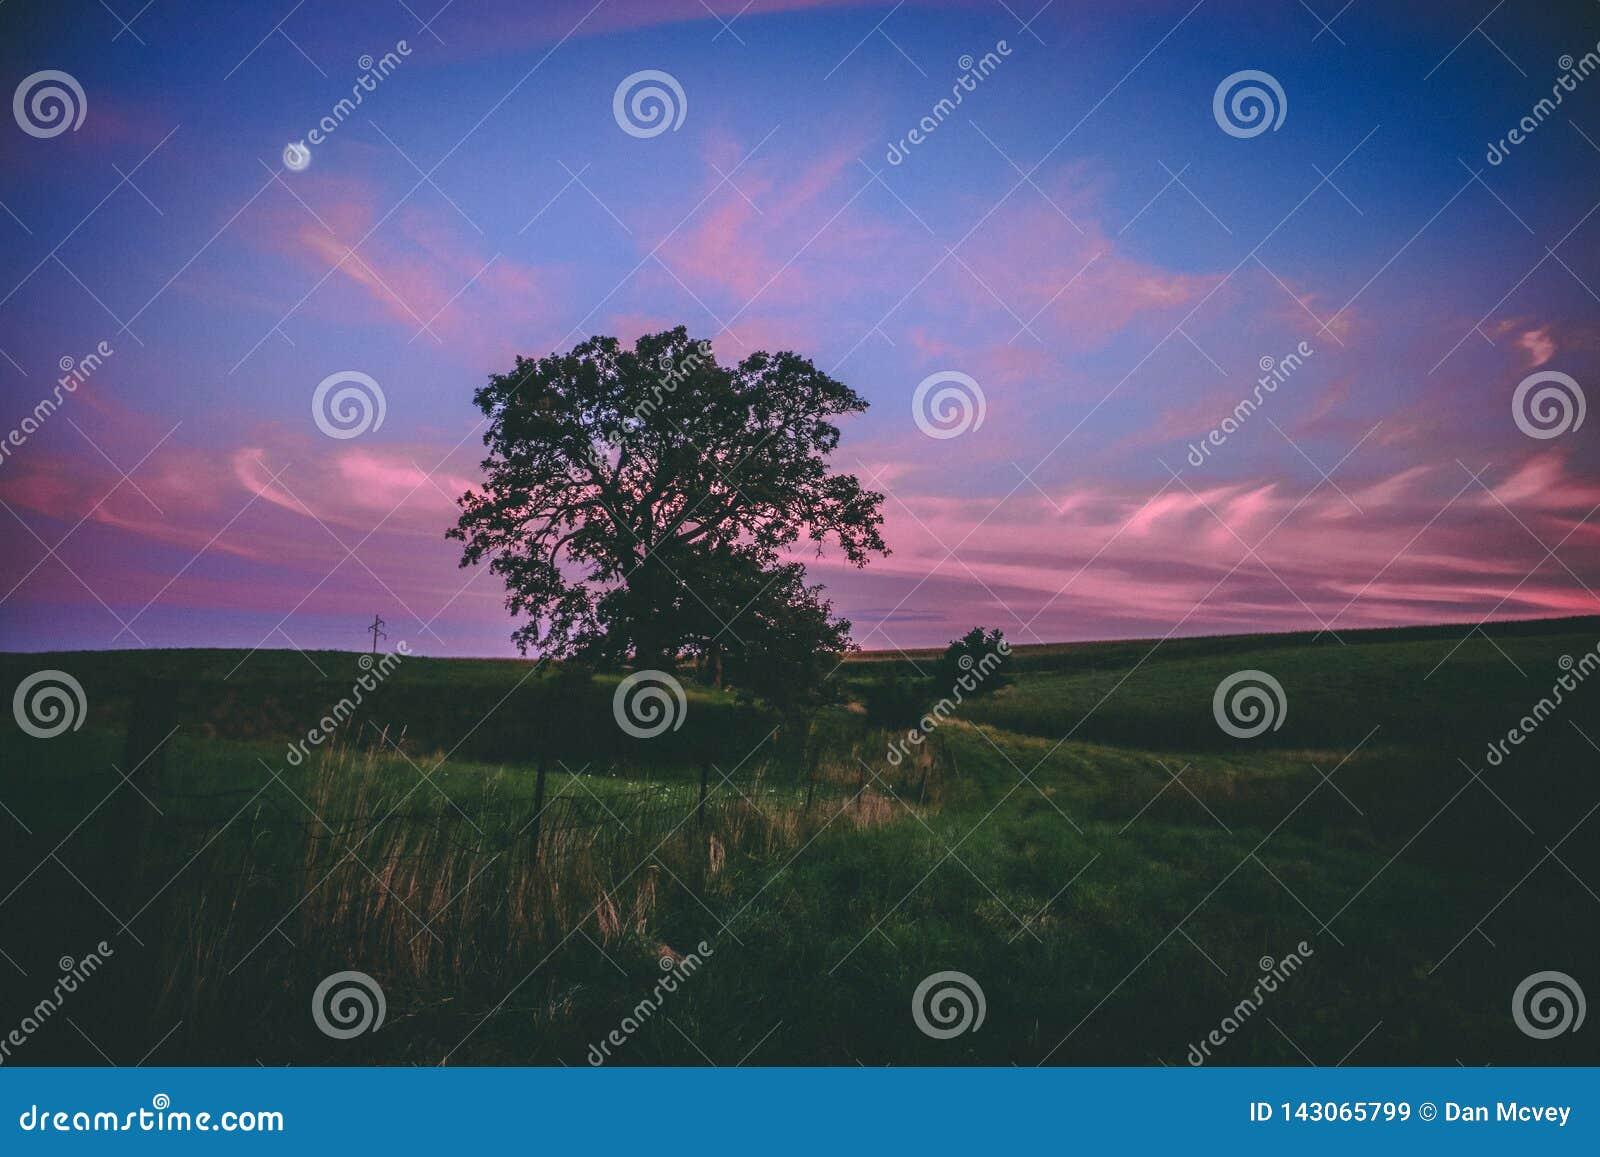 Puesta del sol sobre árbol épico en Cercano oeste